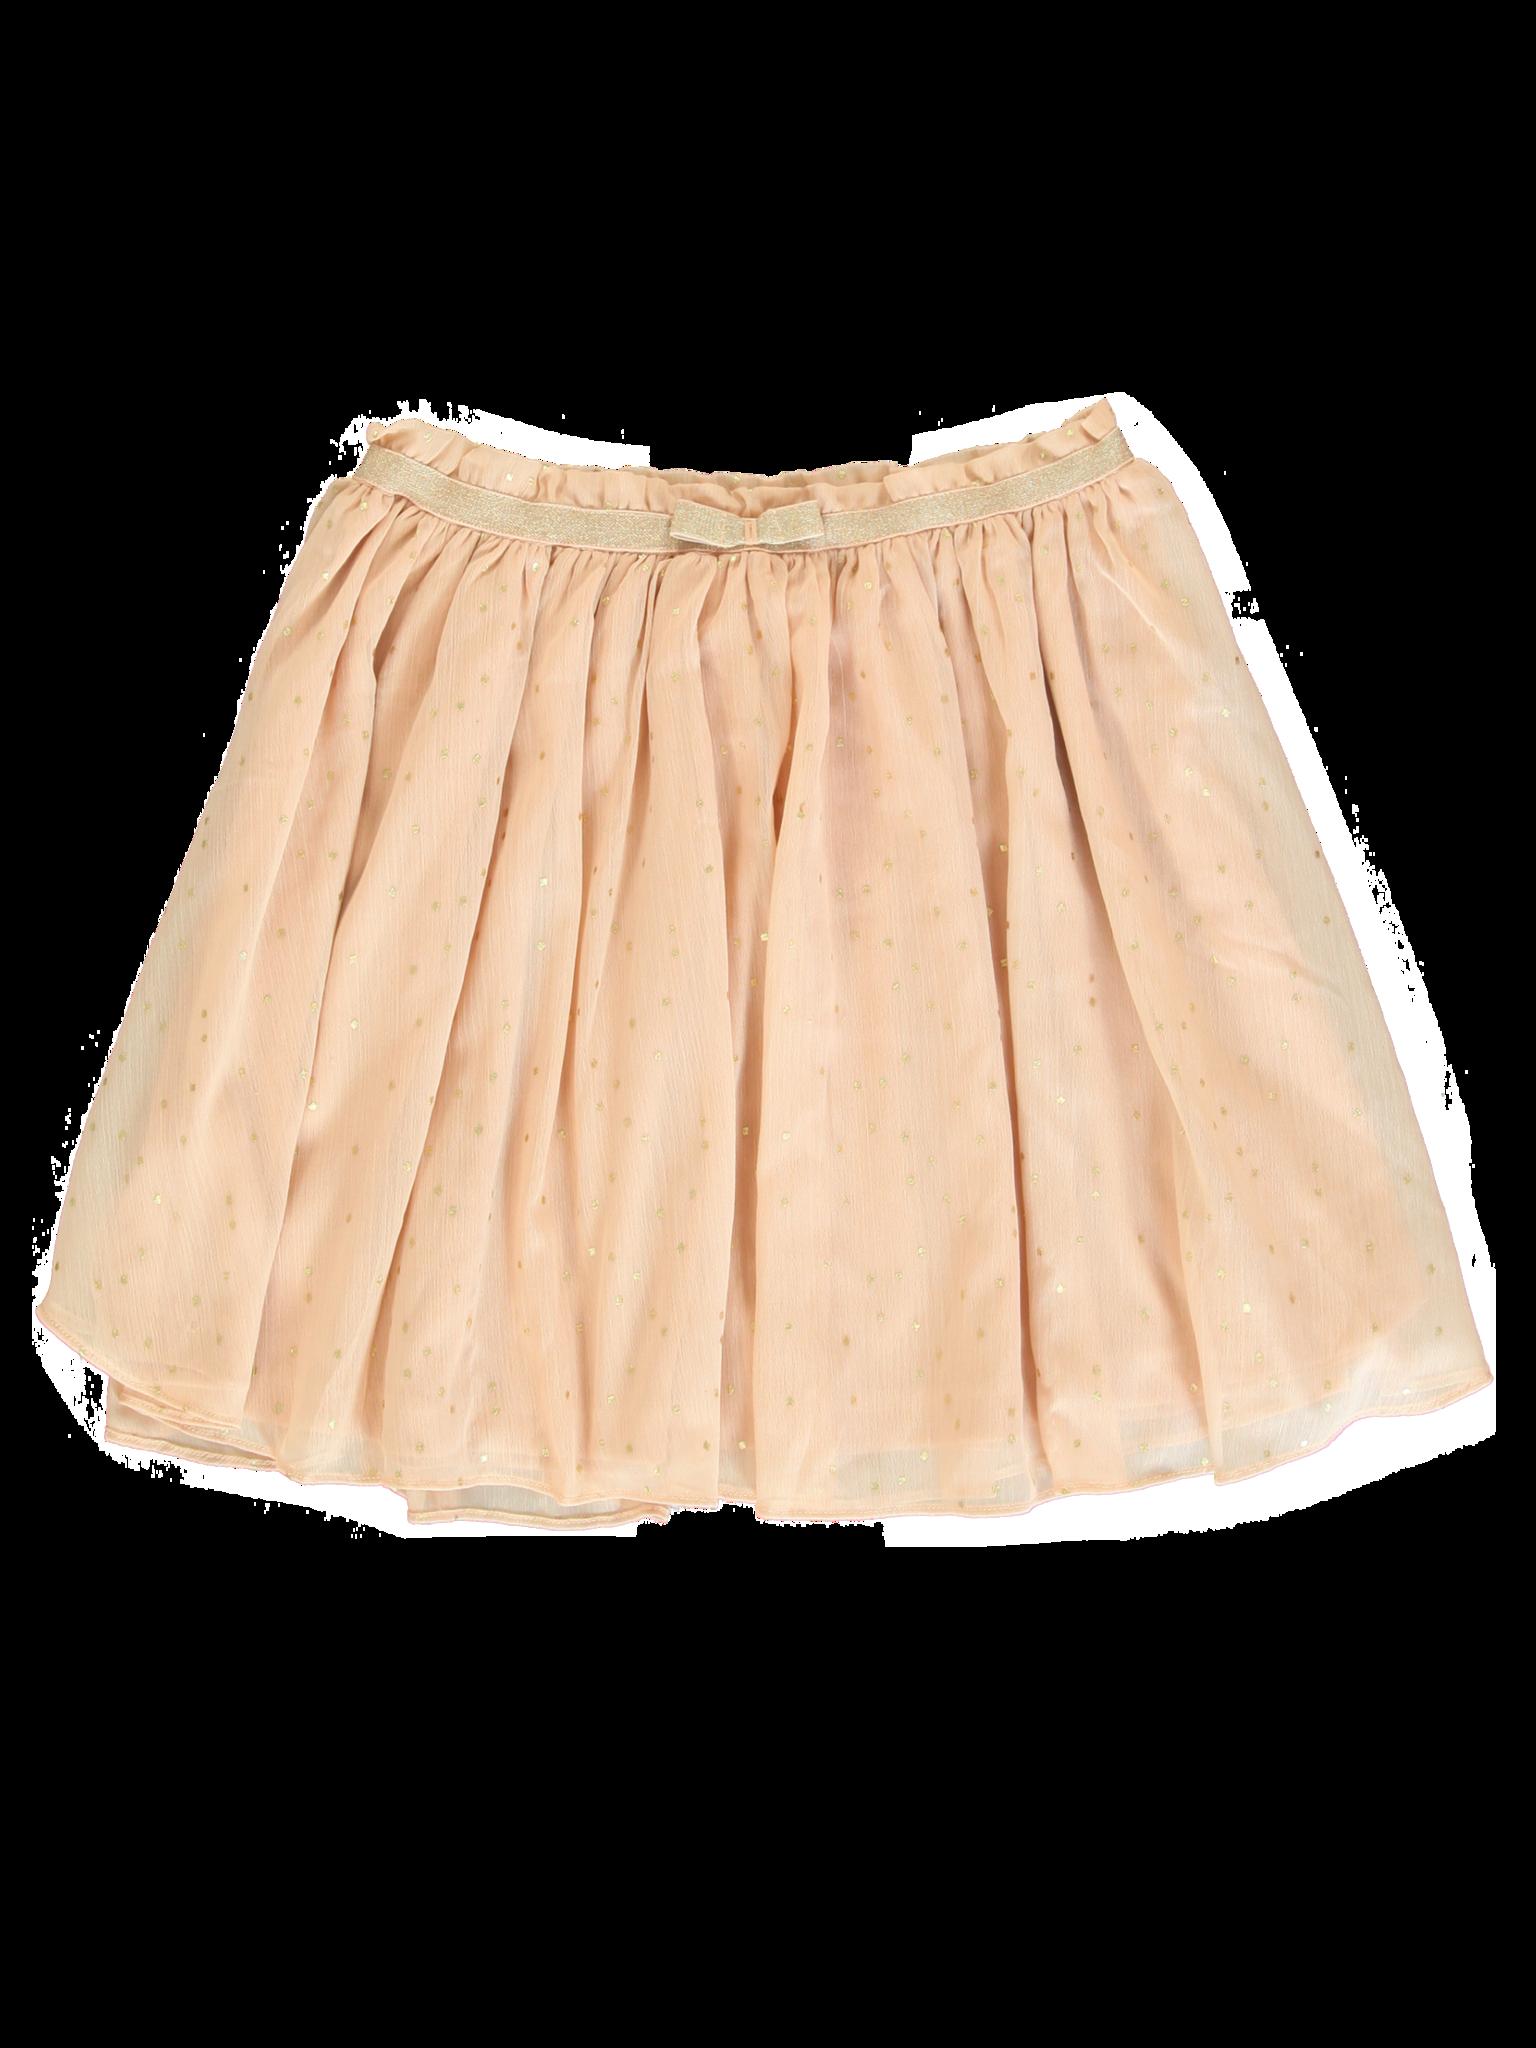 All Brands | Summerproducts Teen Girls | Skirt | 10 pcs/box